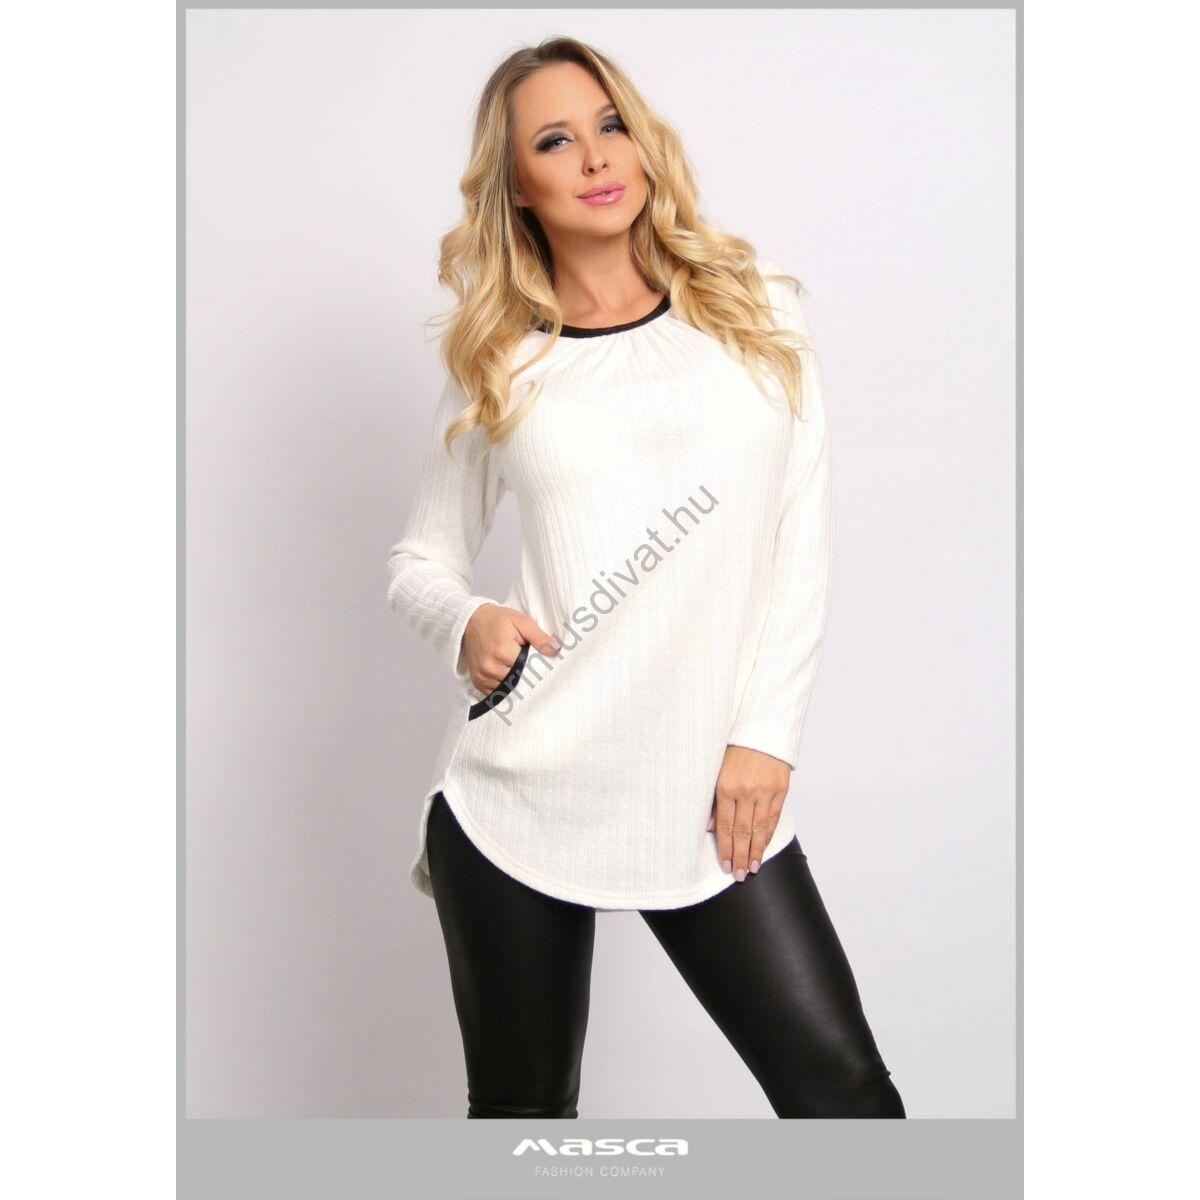 Masca Fashion hosszú ujjú magában mintás kötött fehér zsebes tunika, alján íves szabással, fekete szegőkkel